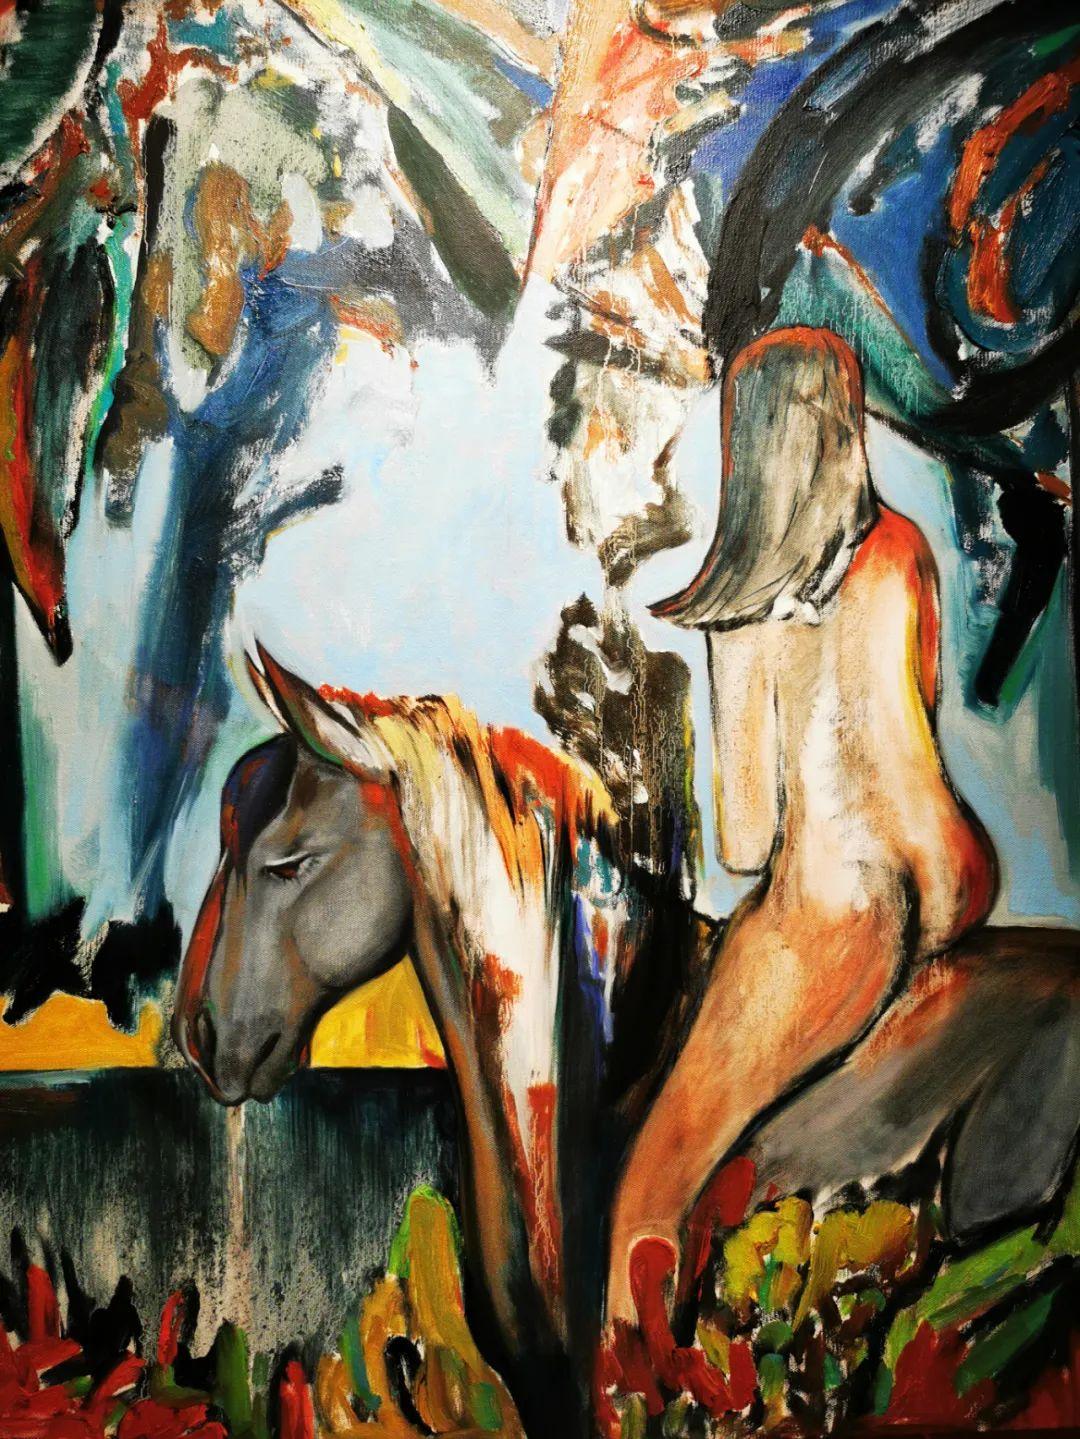 疫情期间蒙古国艺术家莫德格玛在中国创作了80余幅画作 第6张